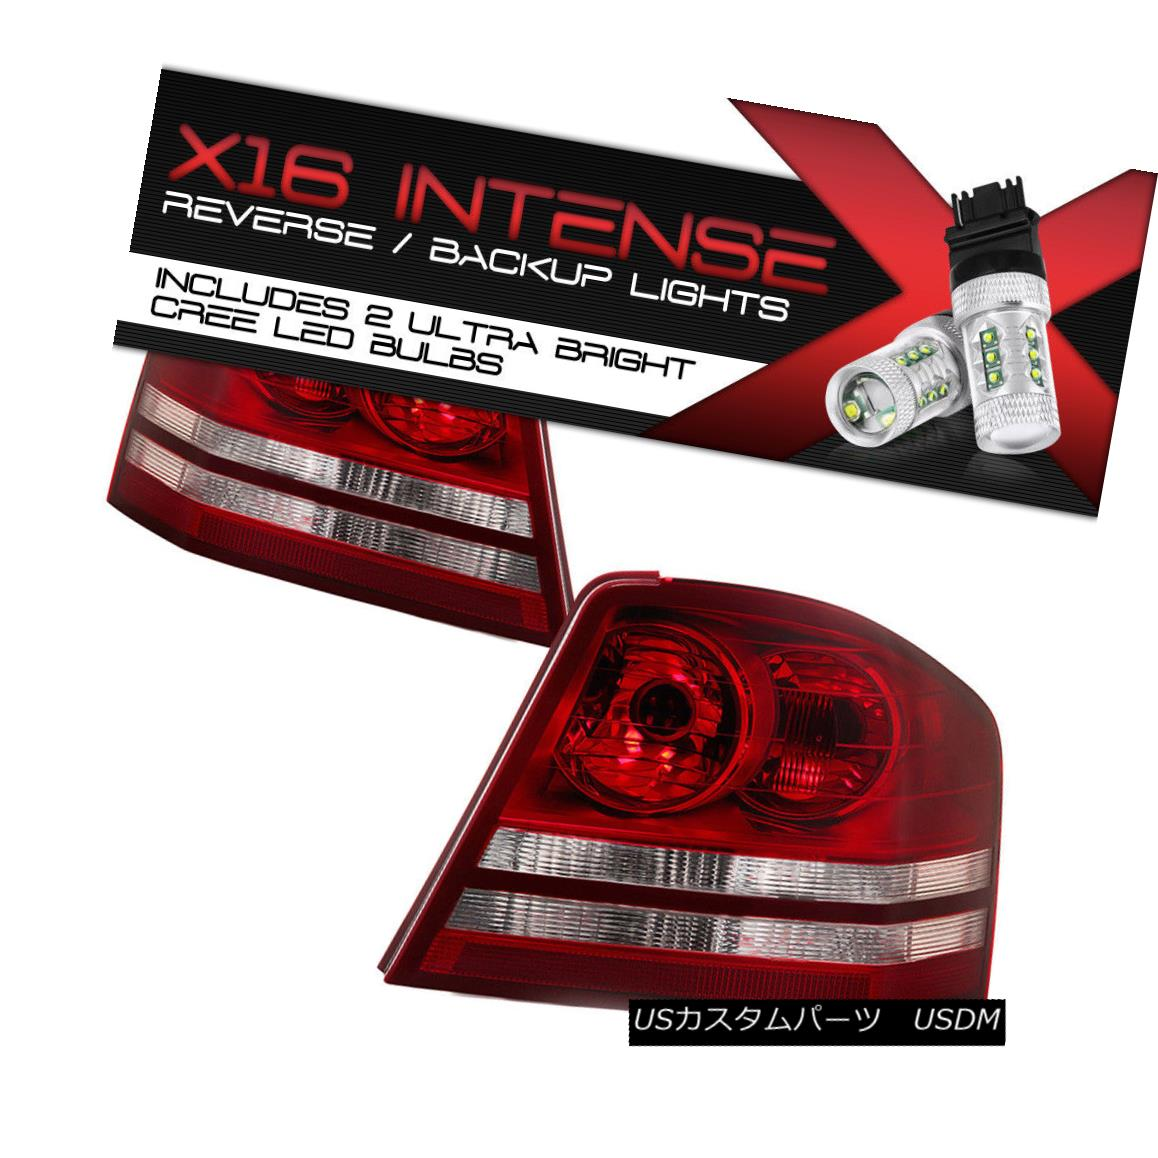 テールライト High-Power CREE Backup 2008-2010 Dodge Avenger SE Sport Tail Lamps Replacement ハイパワークリーバックアップ2008-2010ダッジアベンジャーSEスポーツテールランプの交換